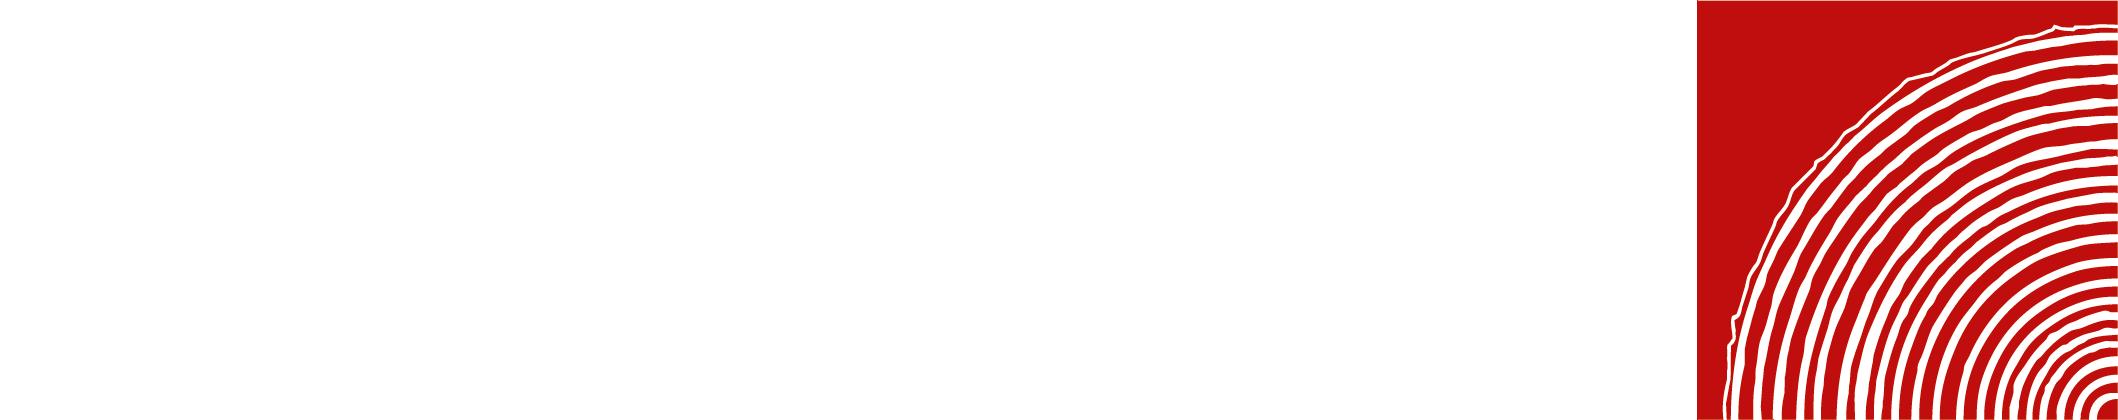 Wiking Gulve